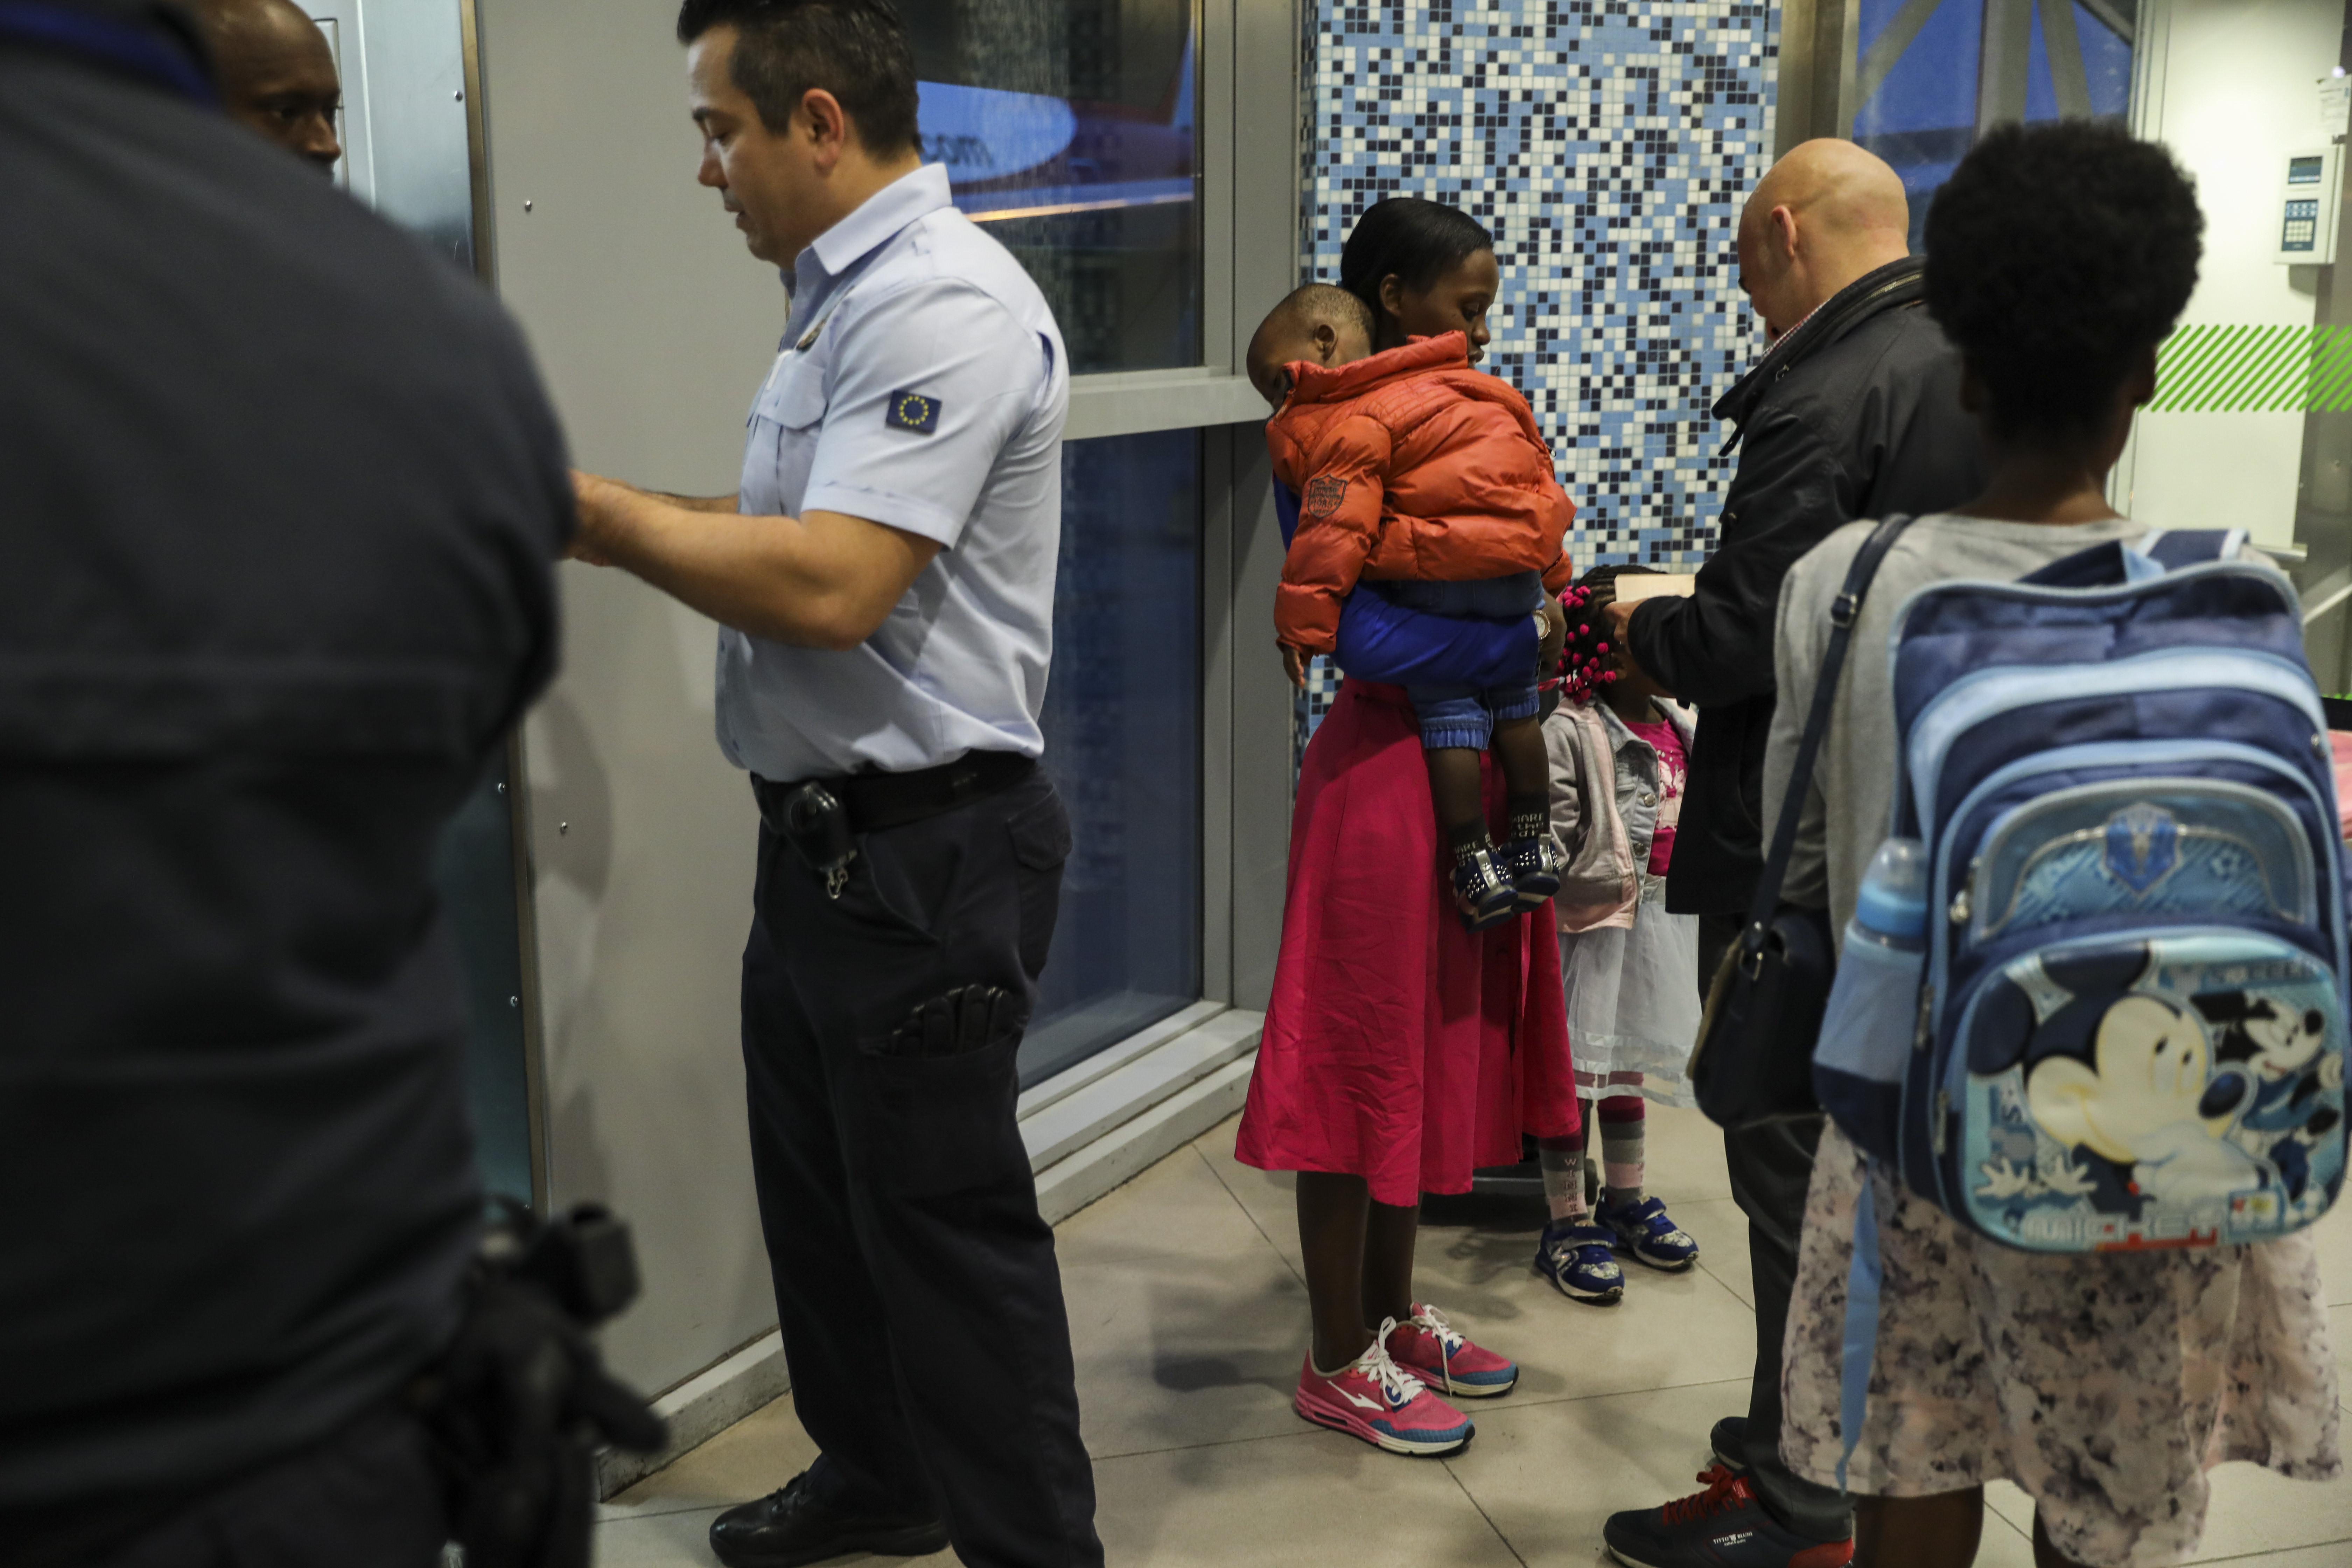 Menores são traficados para receber subsídios em países ricos, afirma SEF